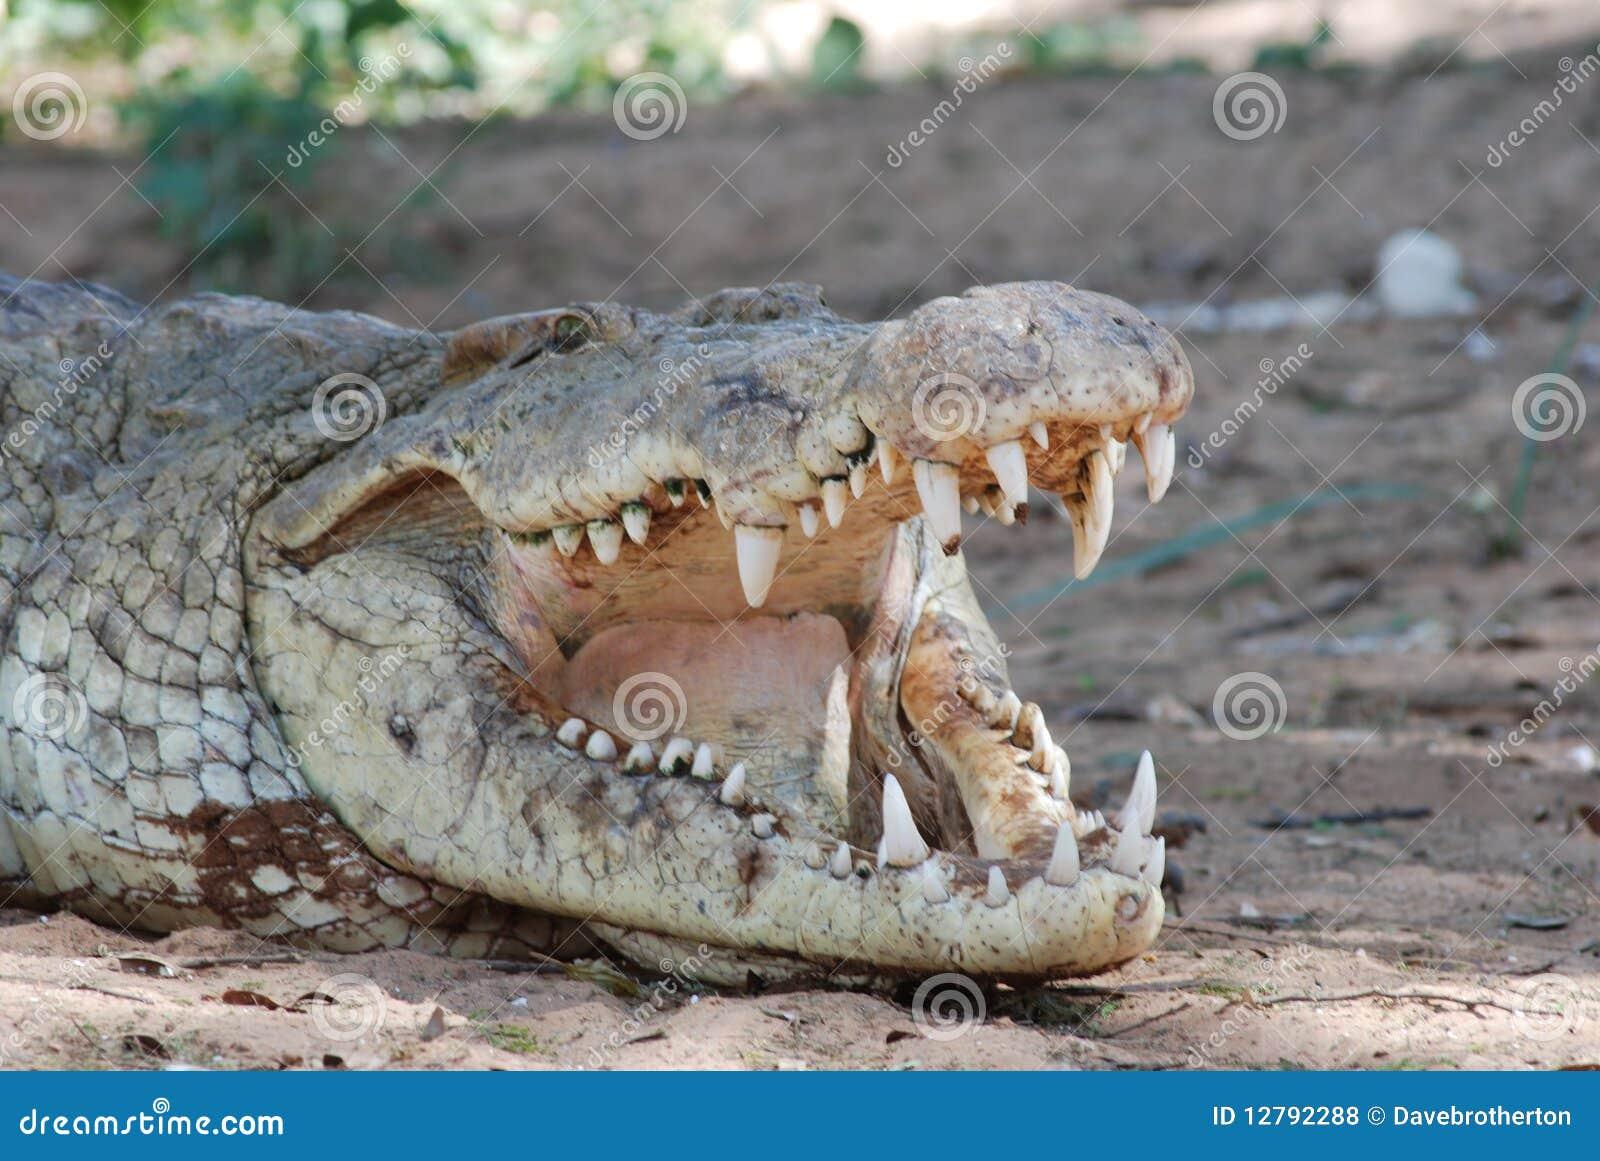 De tanden van de krokodil